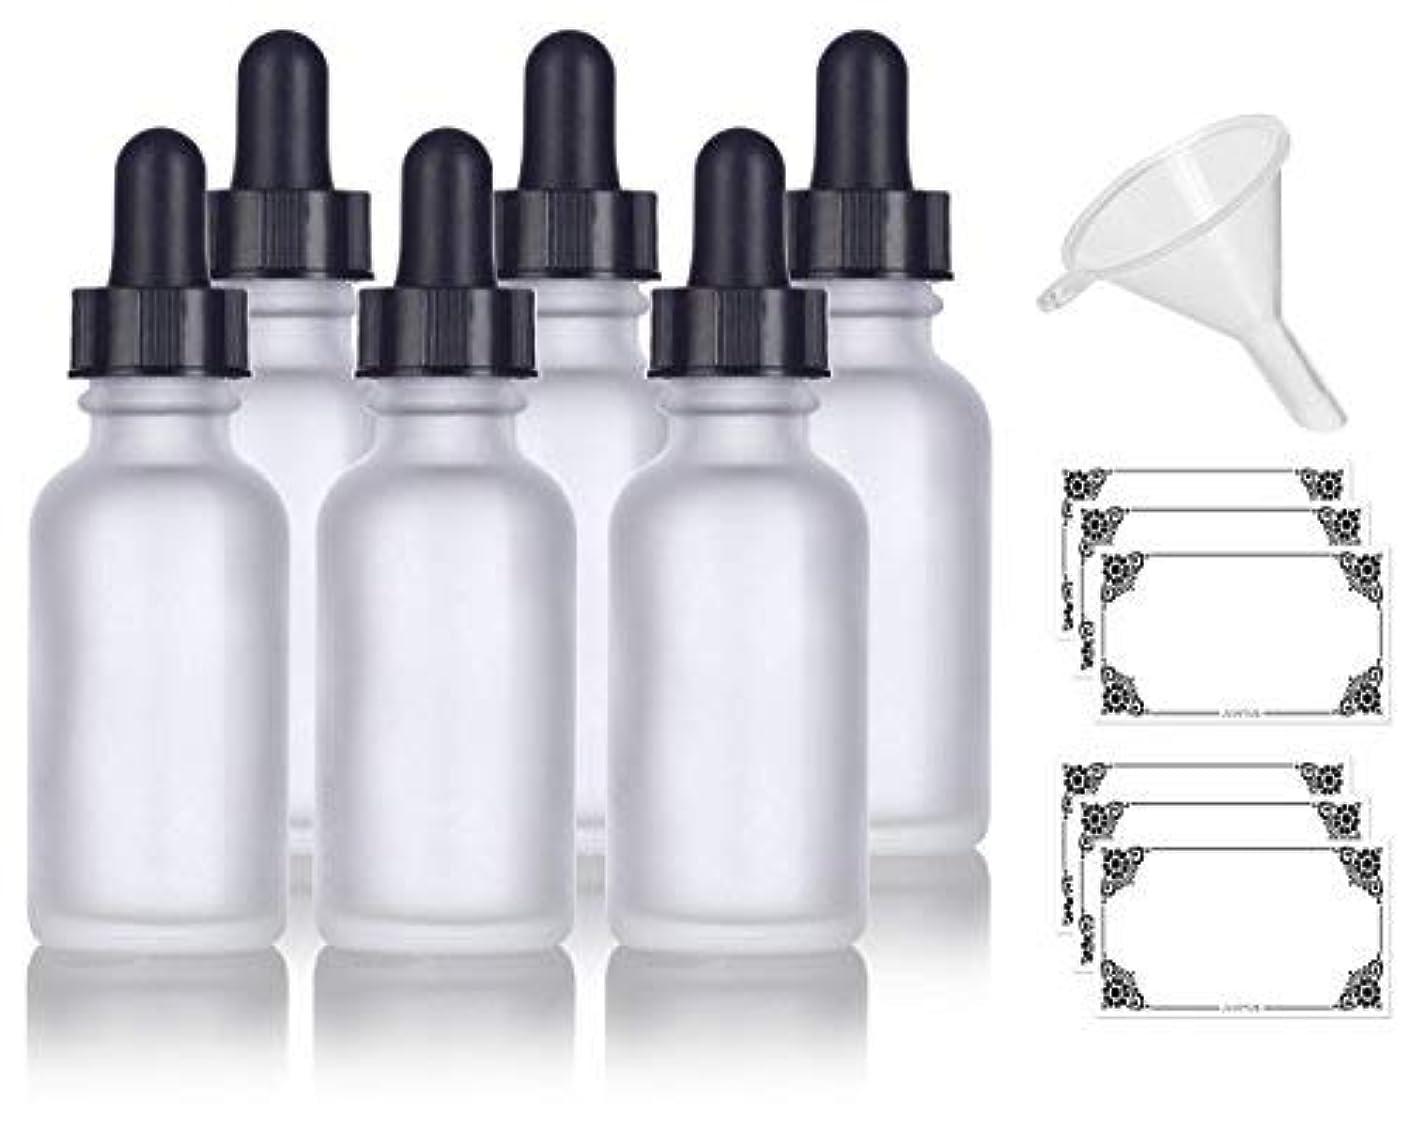 ファントム滅多雇った1 oz Frosted Clear Glass Boston Round Dropper Bottle (6 pack) + Funnel and Labels for cosmetics, serums, essential...